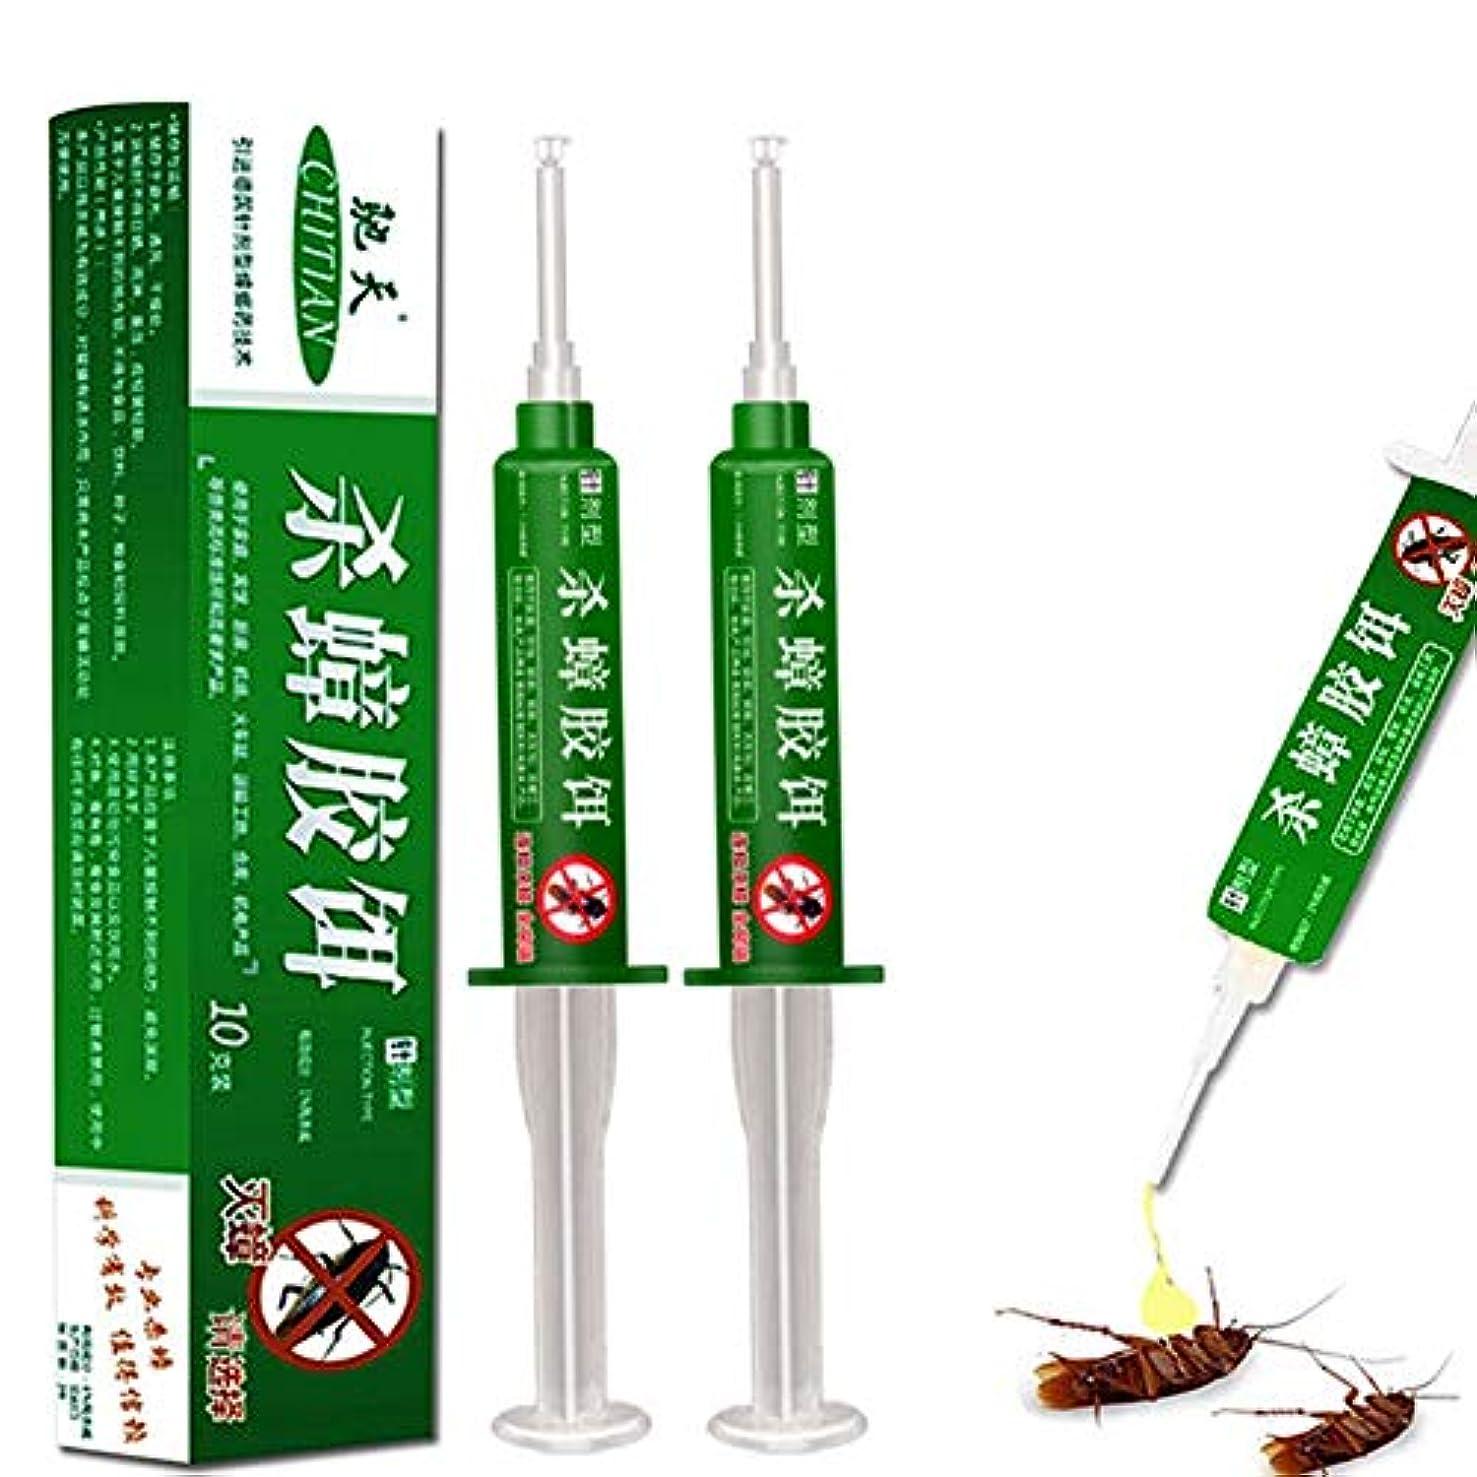 フラスコ起きて寝るJuhon 総本店車の殺虫剤 Advionのゴキブリのゲルの餌